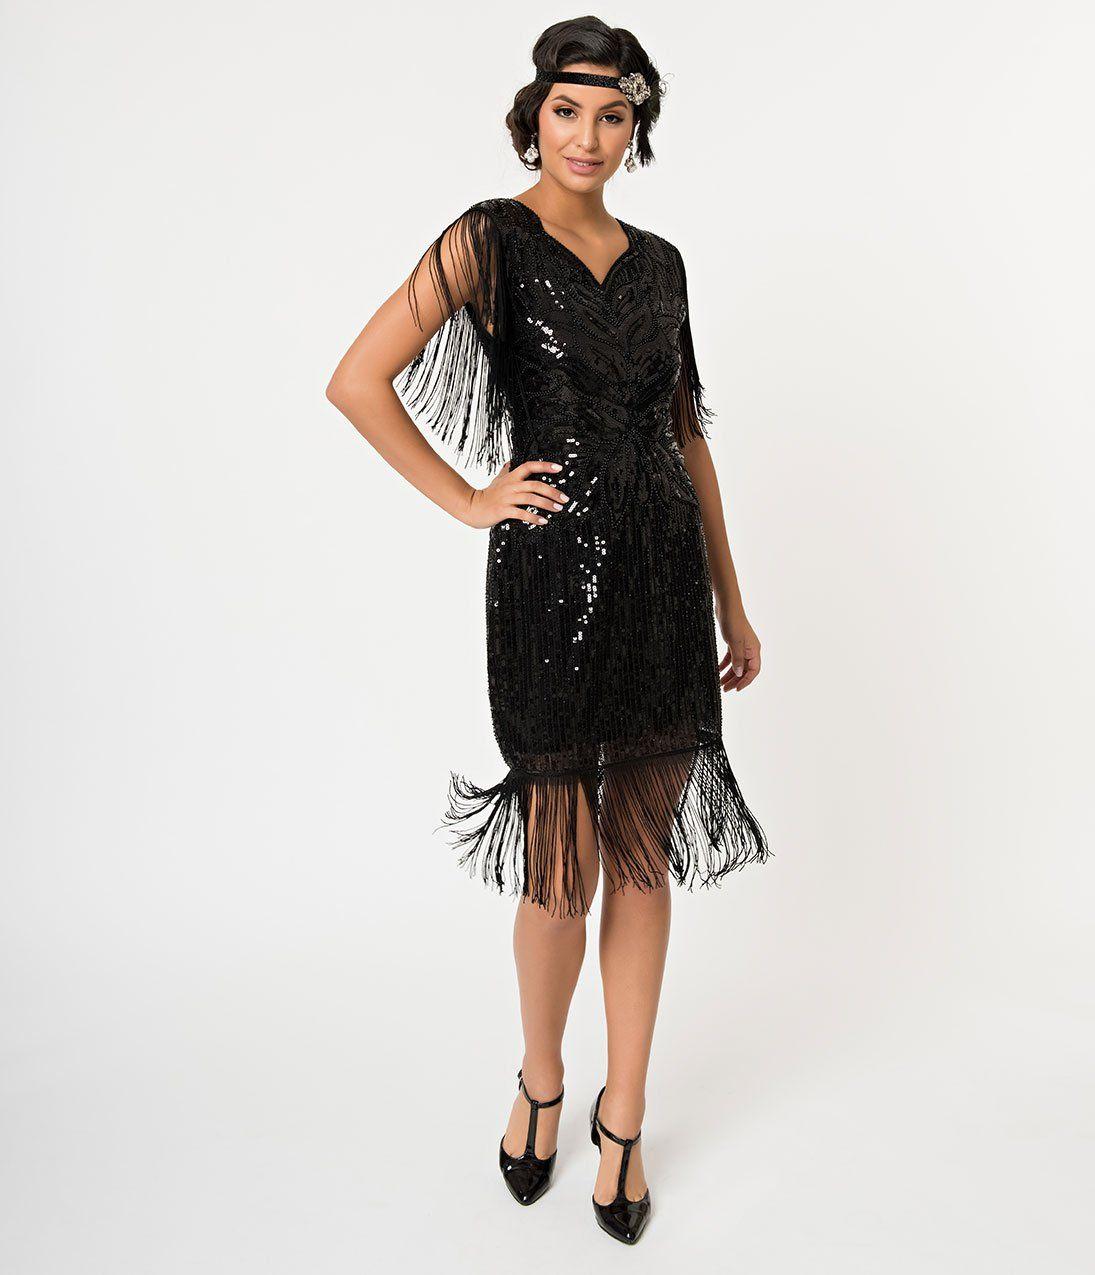 Vintage Cocktail Dresses Party Dresses Prom Dresses Flapper Dress 1920s Fashion Women Gorgeous Black Dress [ 1275 x 1095 Pixel ]